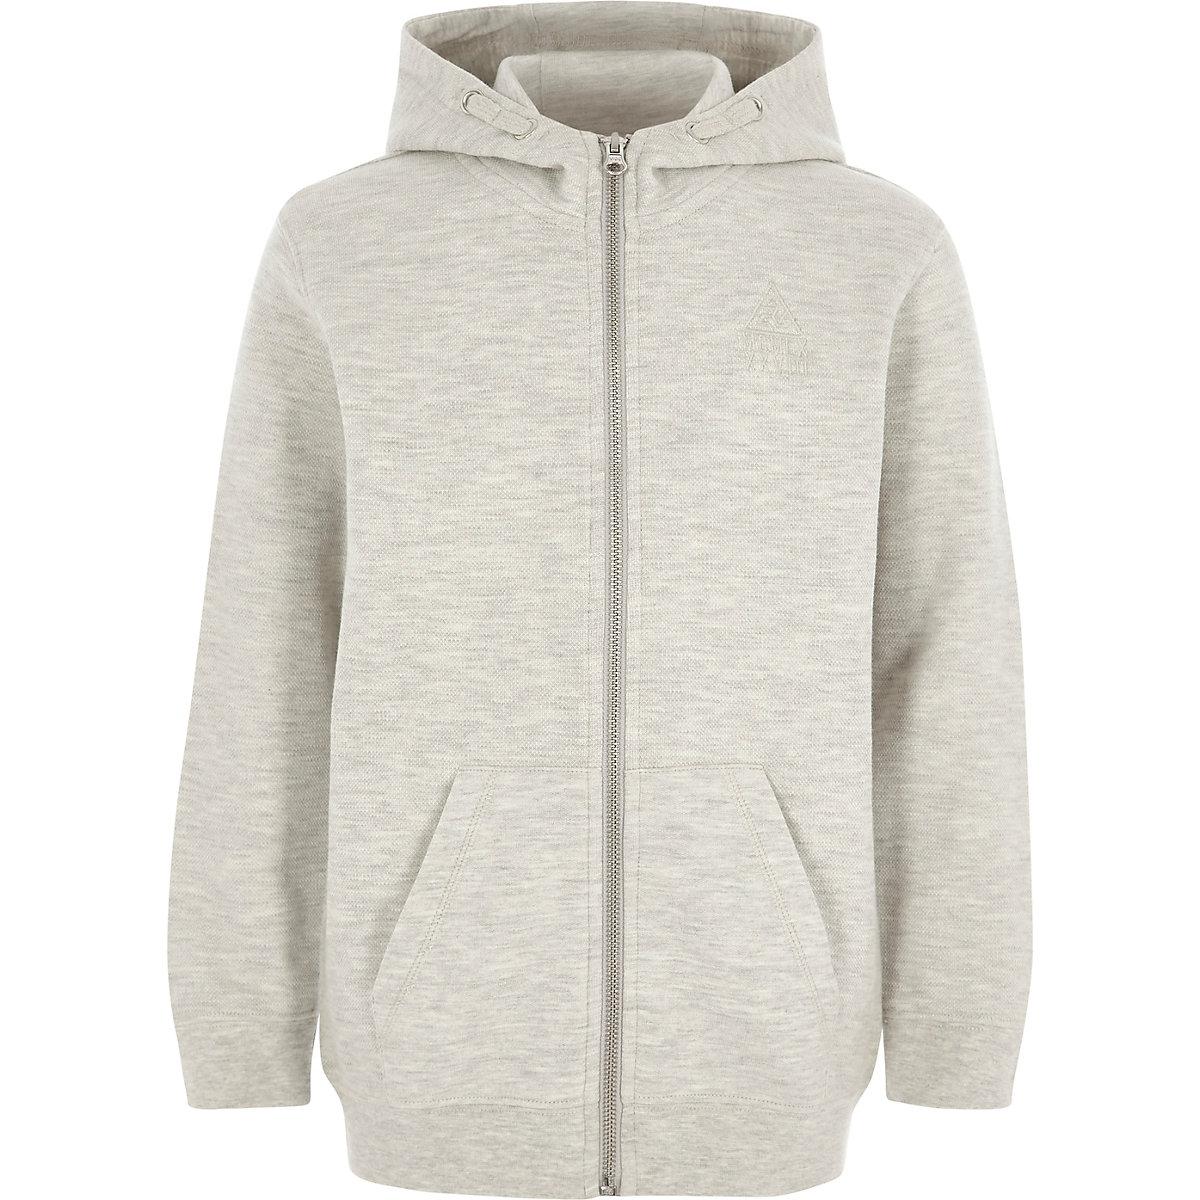 Sweat de survêtement à capuche en piqué gris zippé pour garçon